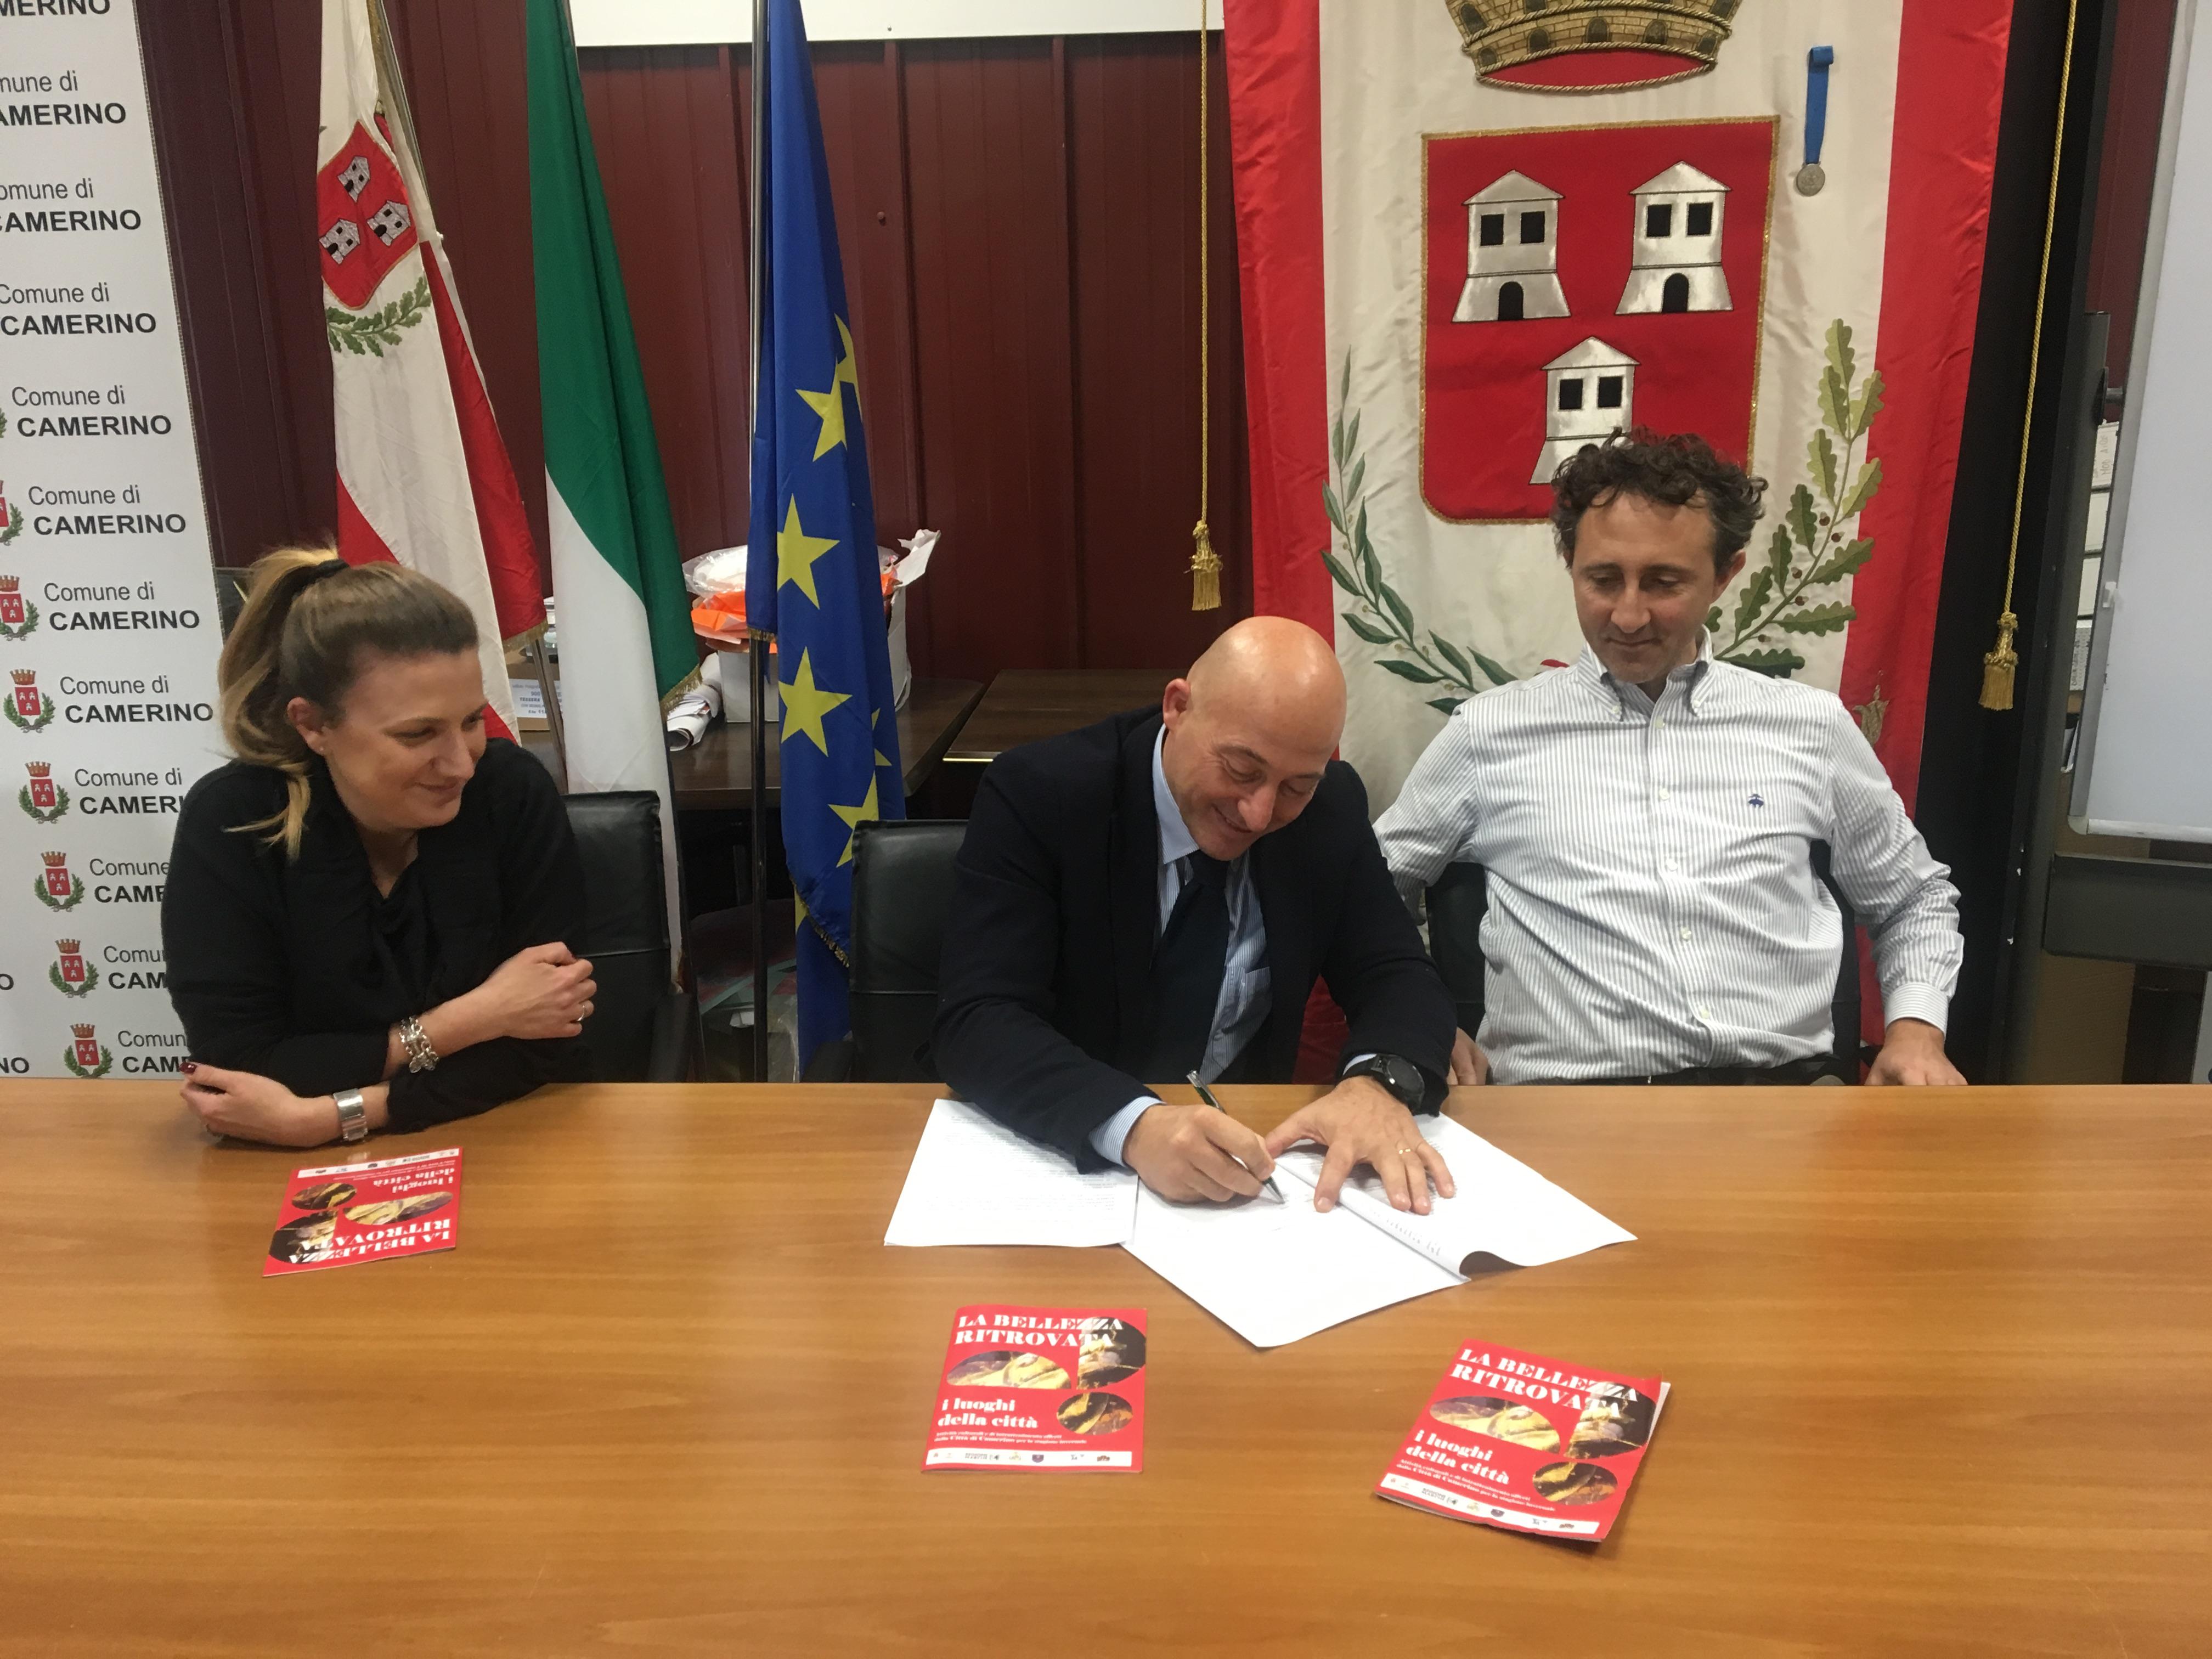 Il sindaco Sandro Sborgia, il presidente SlowFood Marche Ugo Pazzi, l'assessore alla cultura e turismo Giovanna Sartori